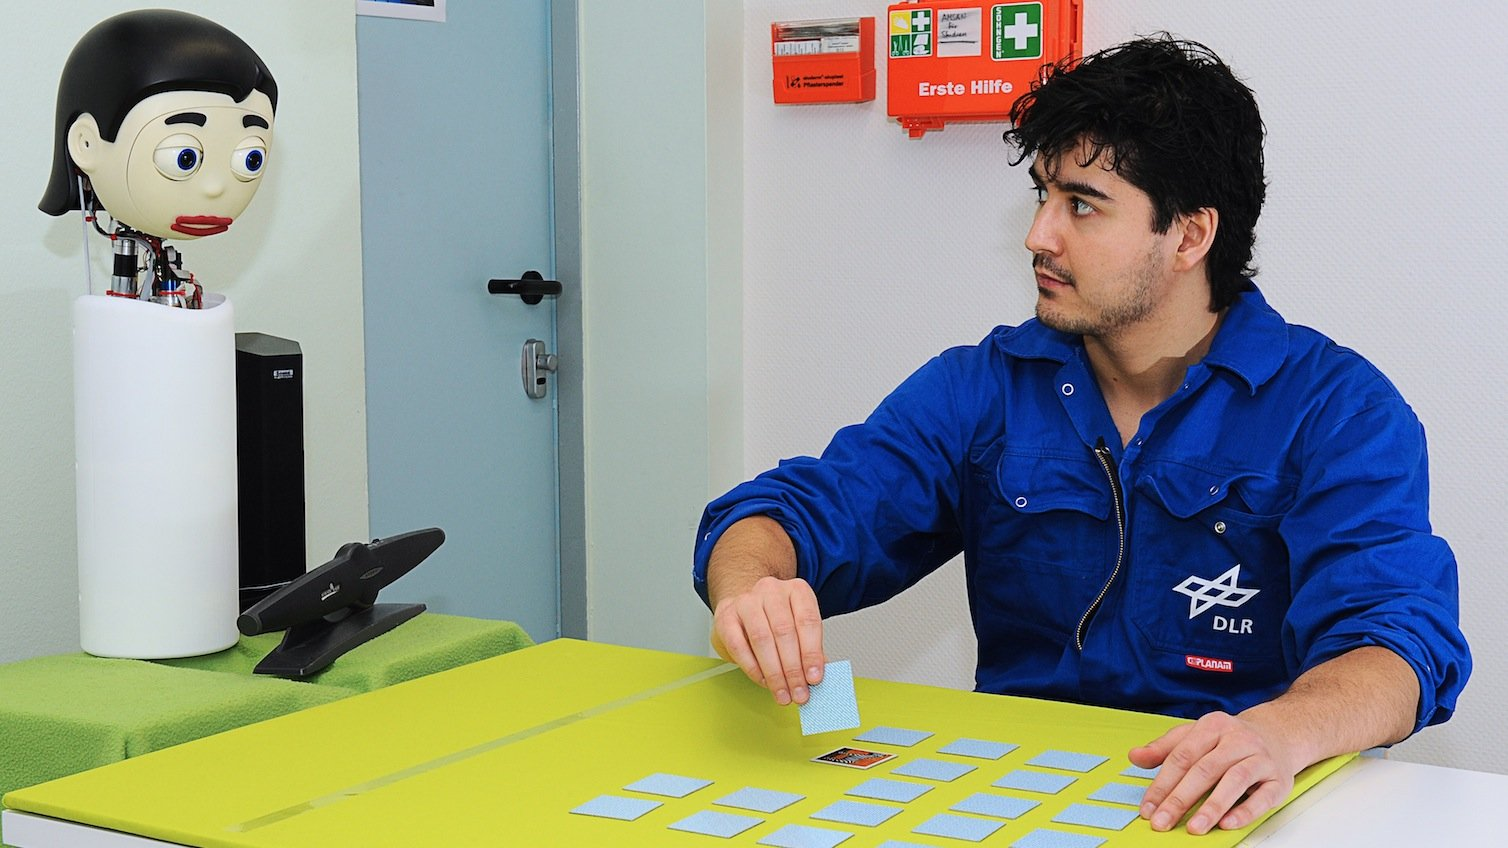 Der Roboterkopf Flobi stellt die Astronauten in Isolation mental und geistig auf die Probe, indem er mit jedem täglich einige Partien Memory spielte.